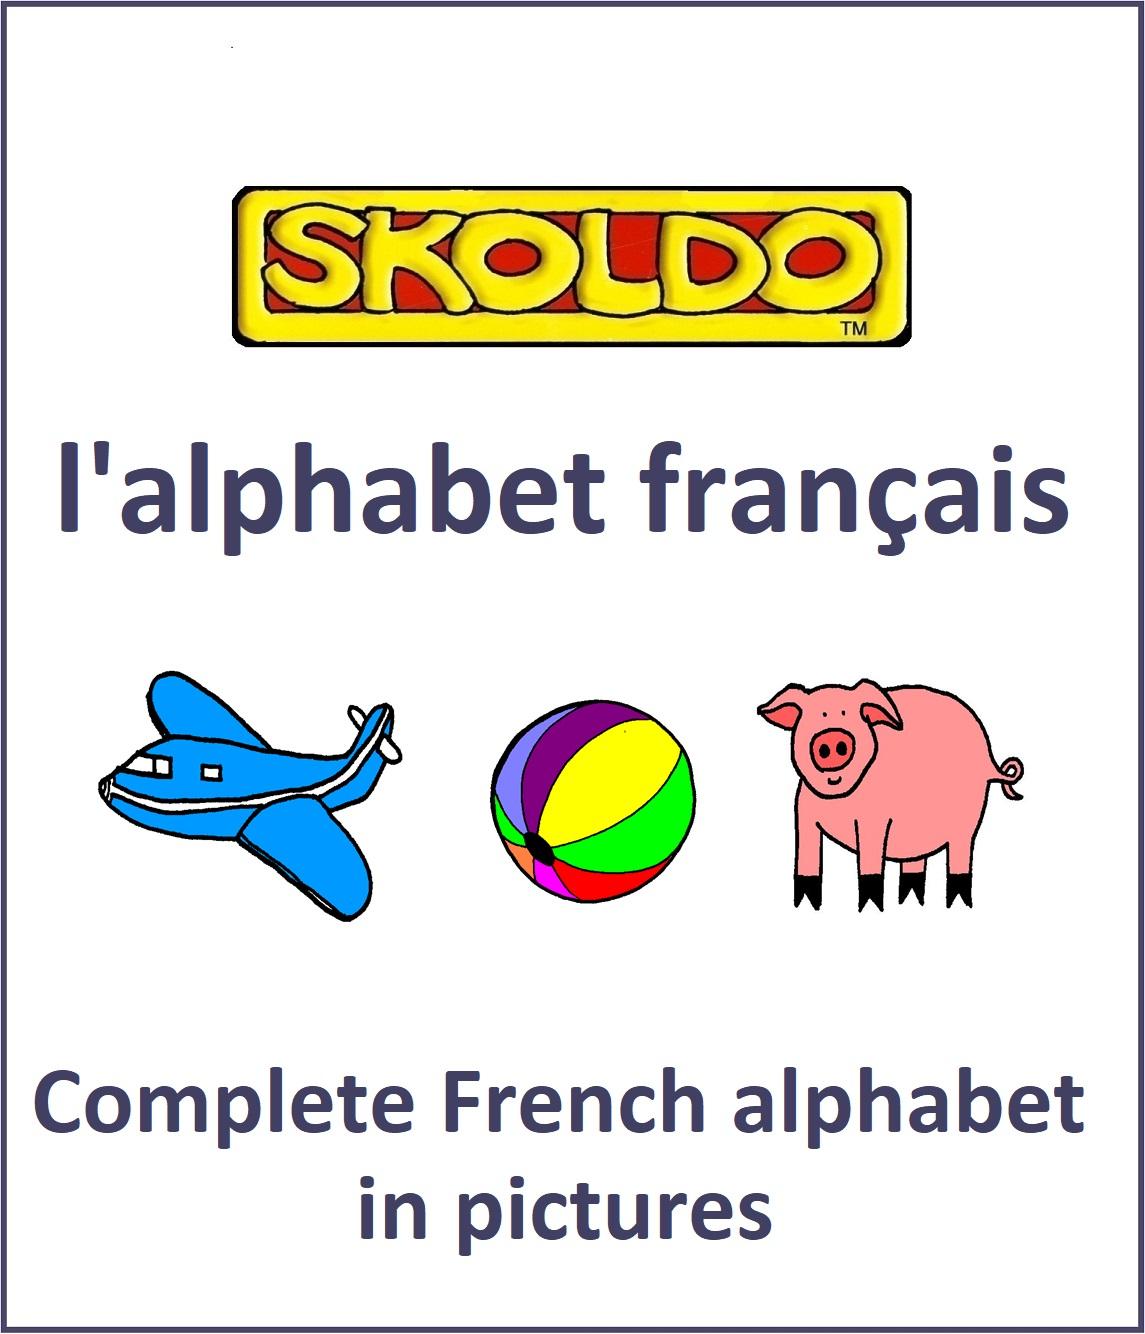 Skoldo online french alphabet booklet